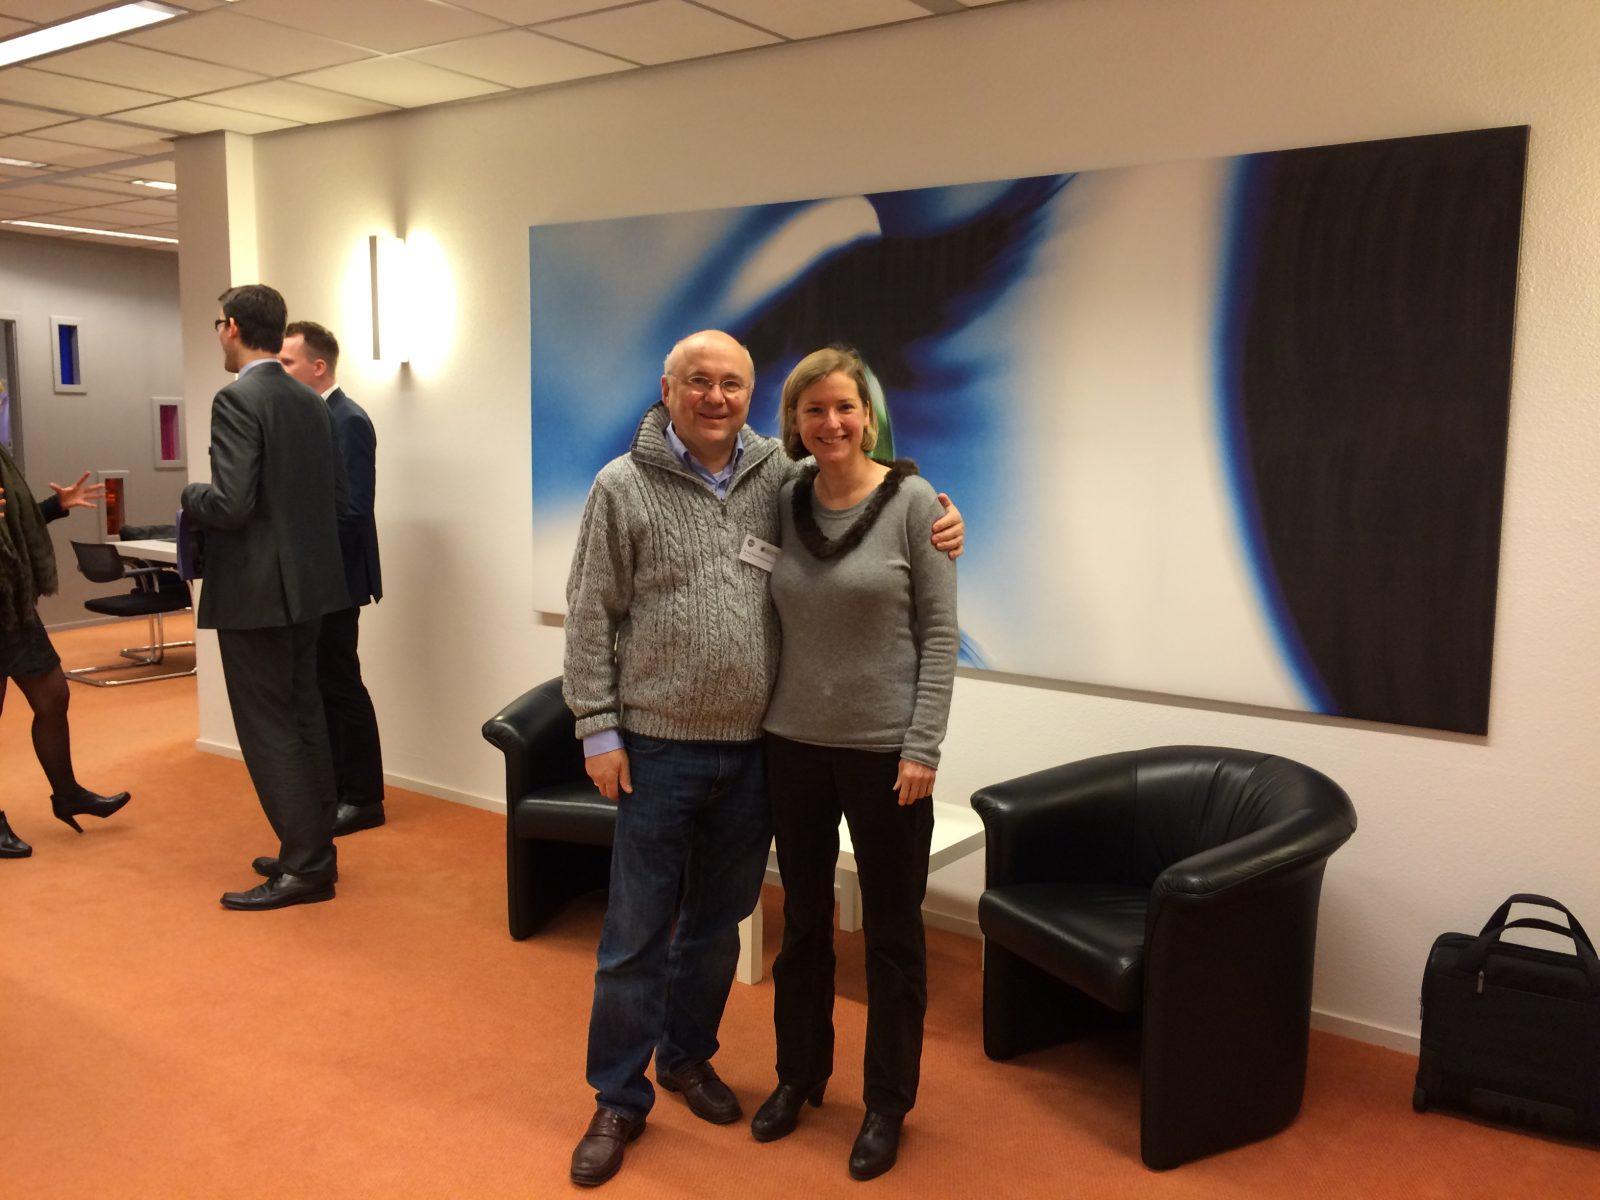 Frau Dr. Bhakdi-Gerl zusammen mit Dr. Rolf Meyer-Schwickerath beim Internationalen Vitreolyse Kongress